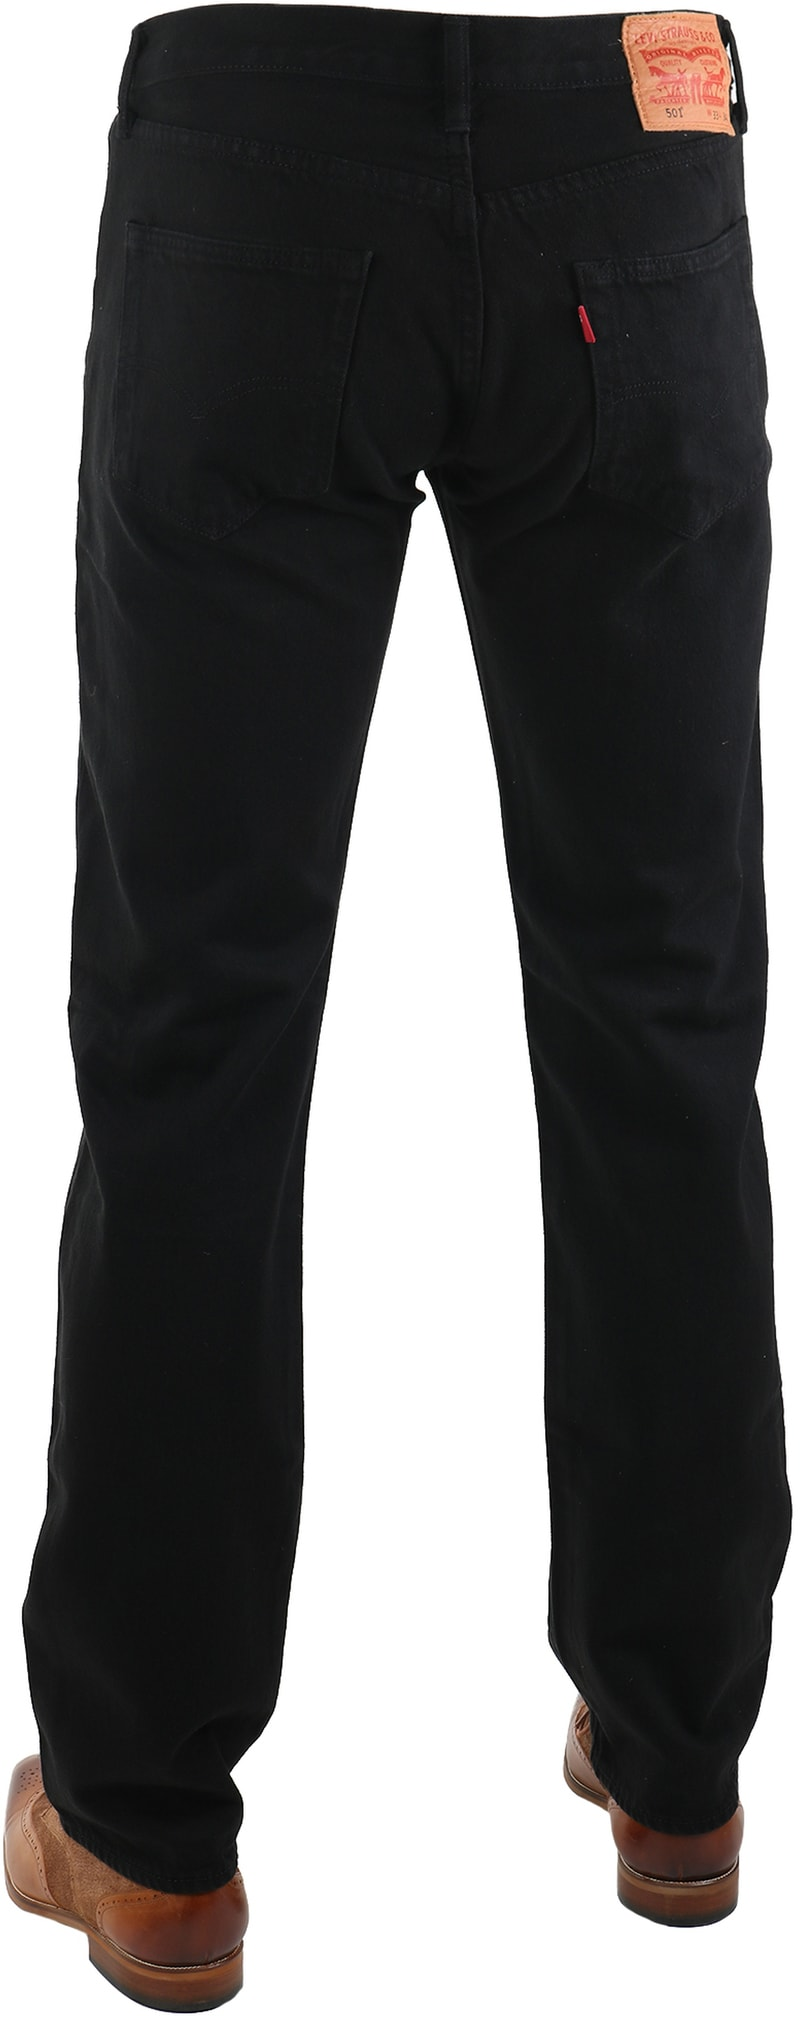 Levi's 501 Jeans Original Fit Black 0165 photo 1